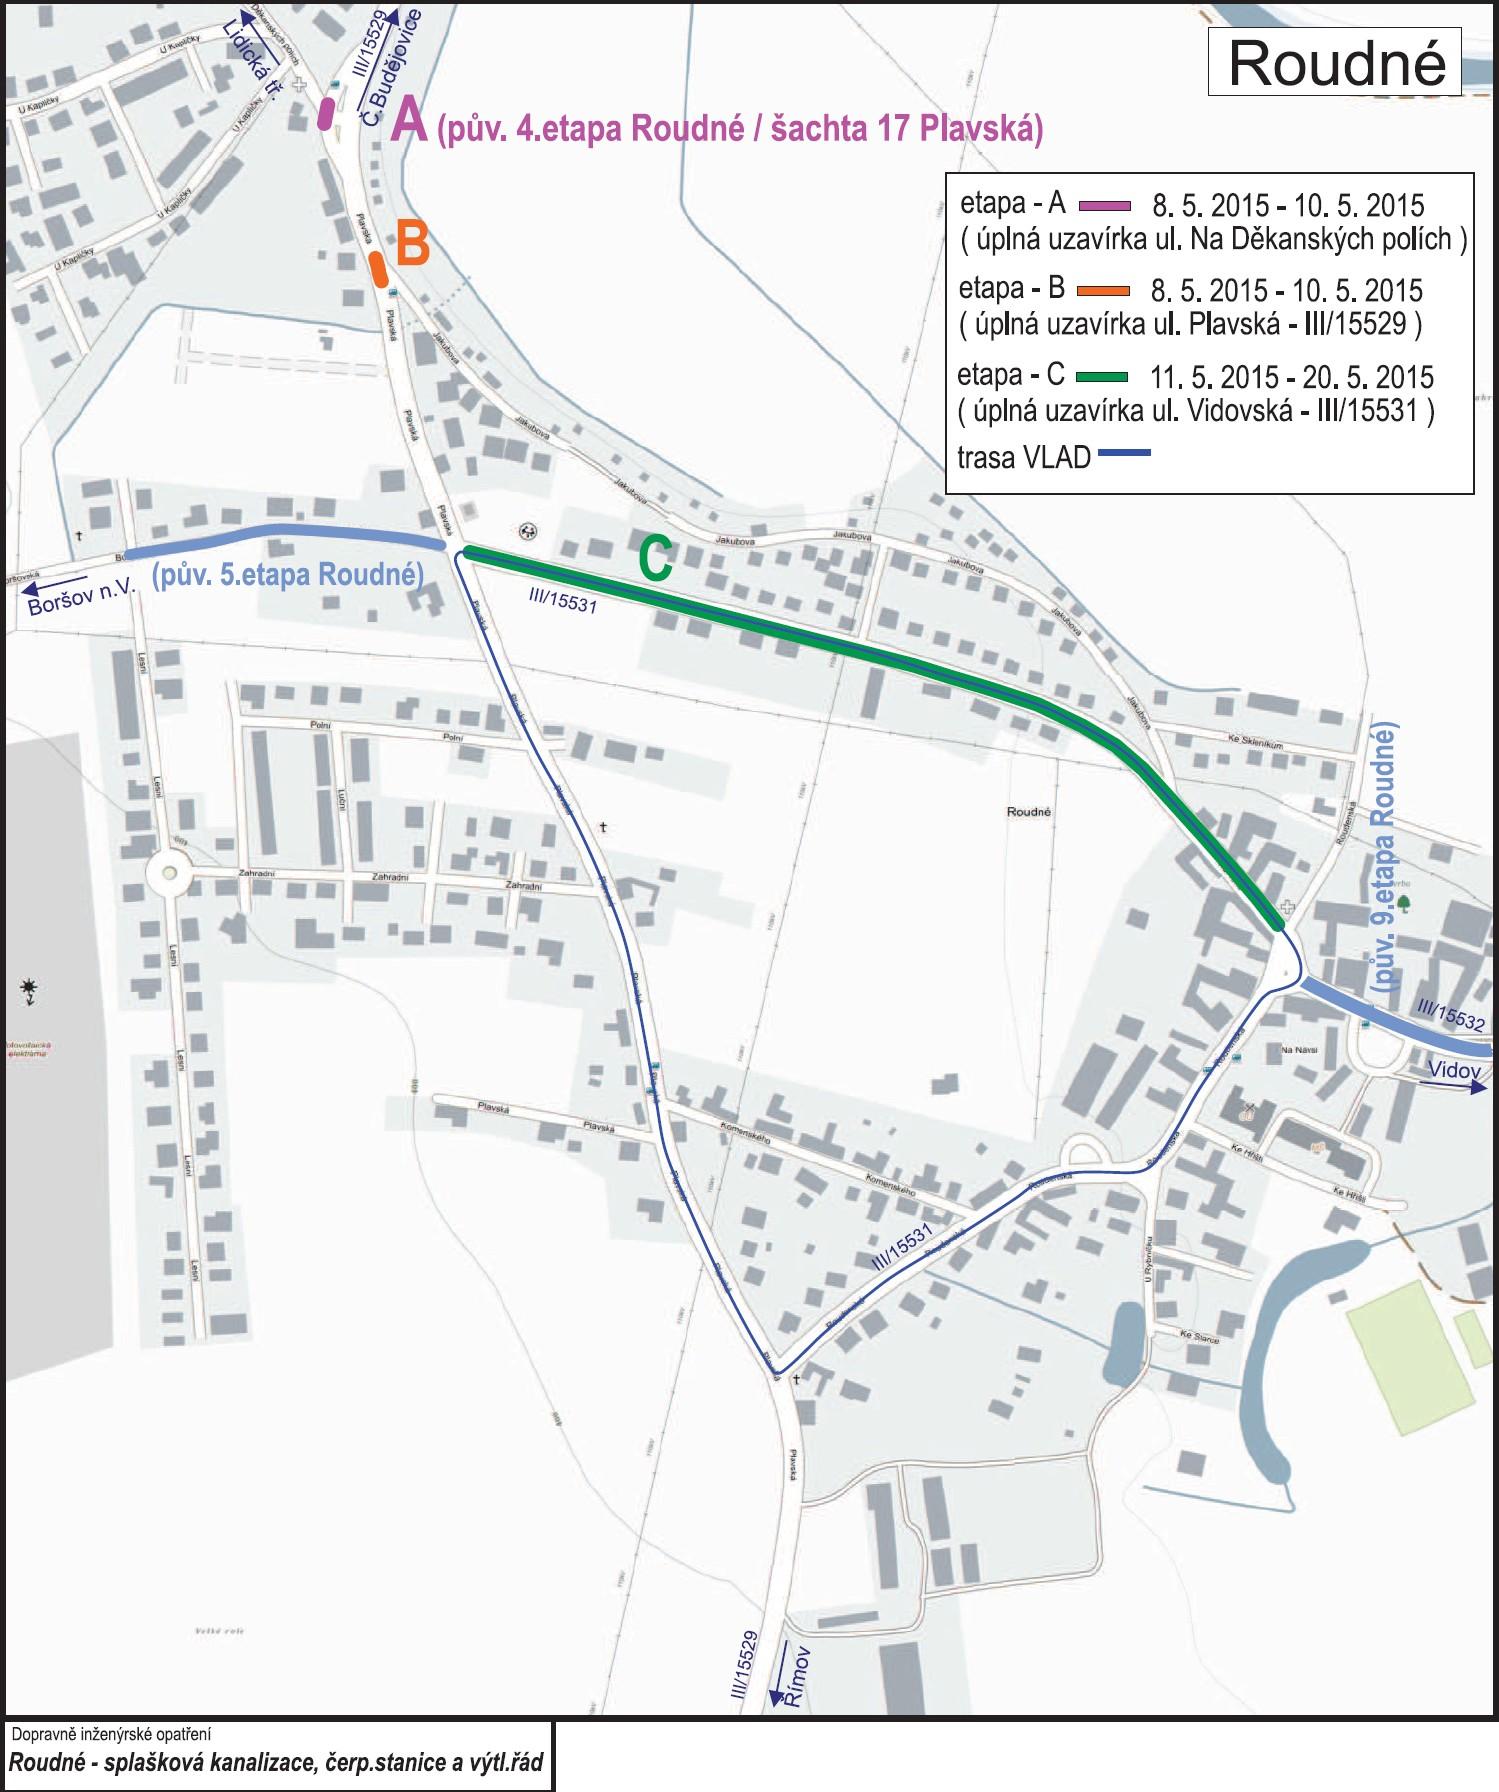 Stanovení místní a přechodné úpravy provozu na pozemních komunikacích -  Roudné 49ca7113c7cd9